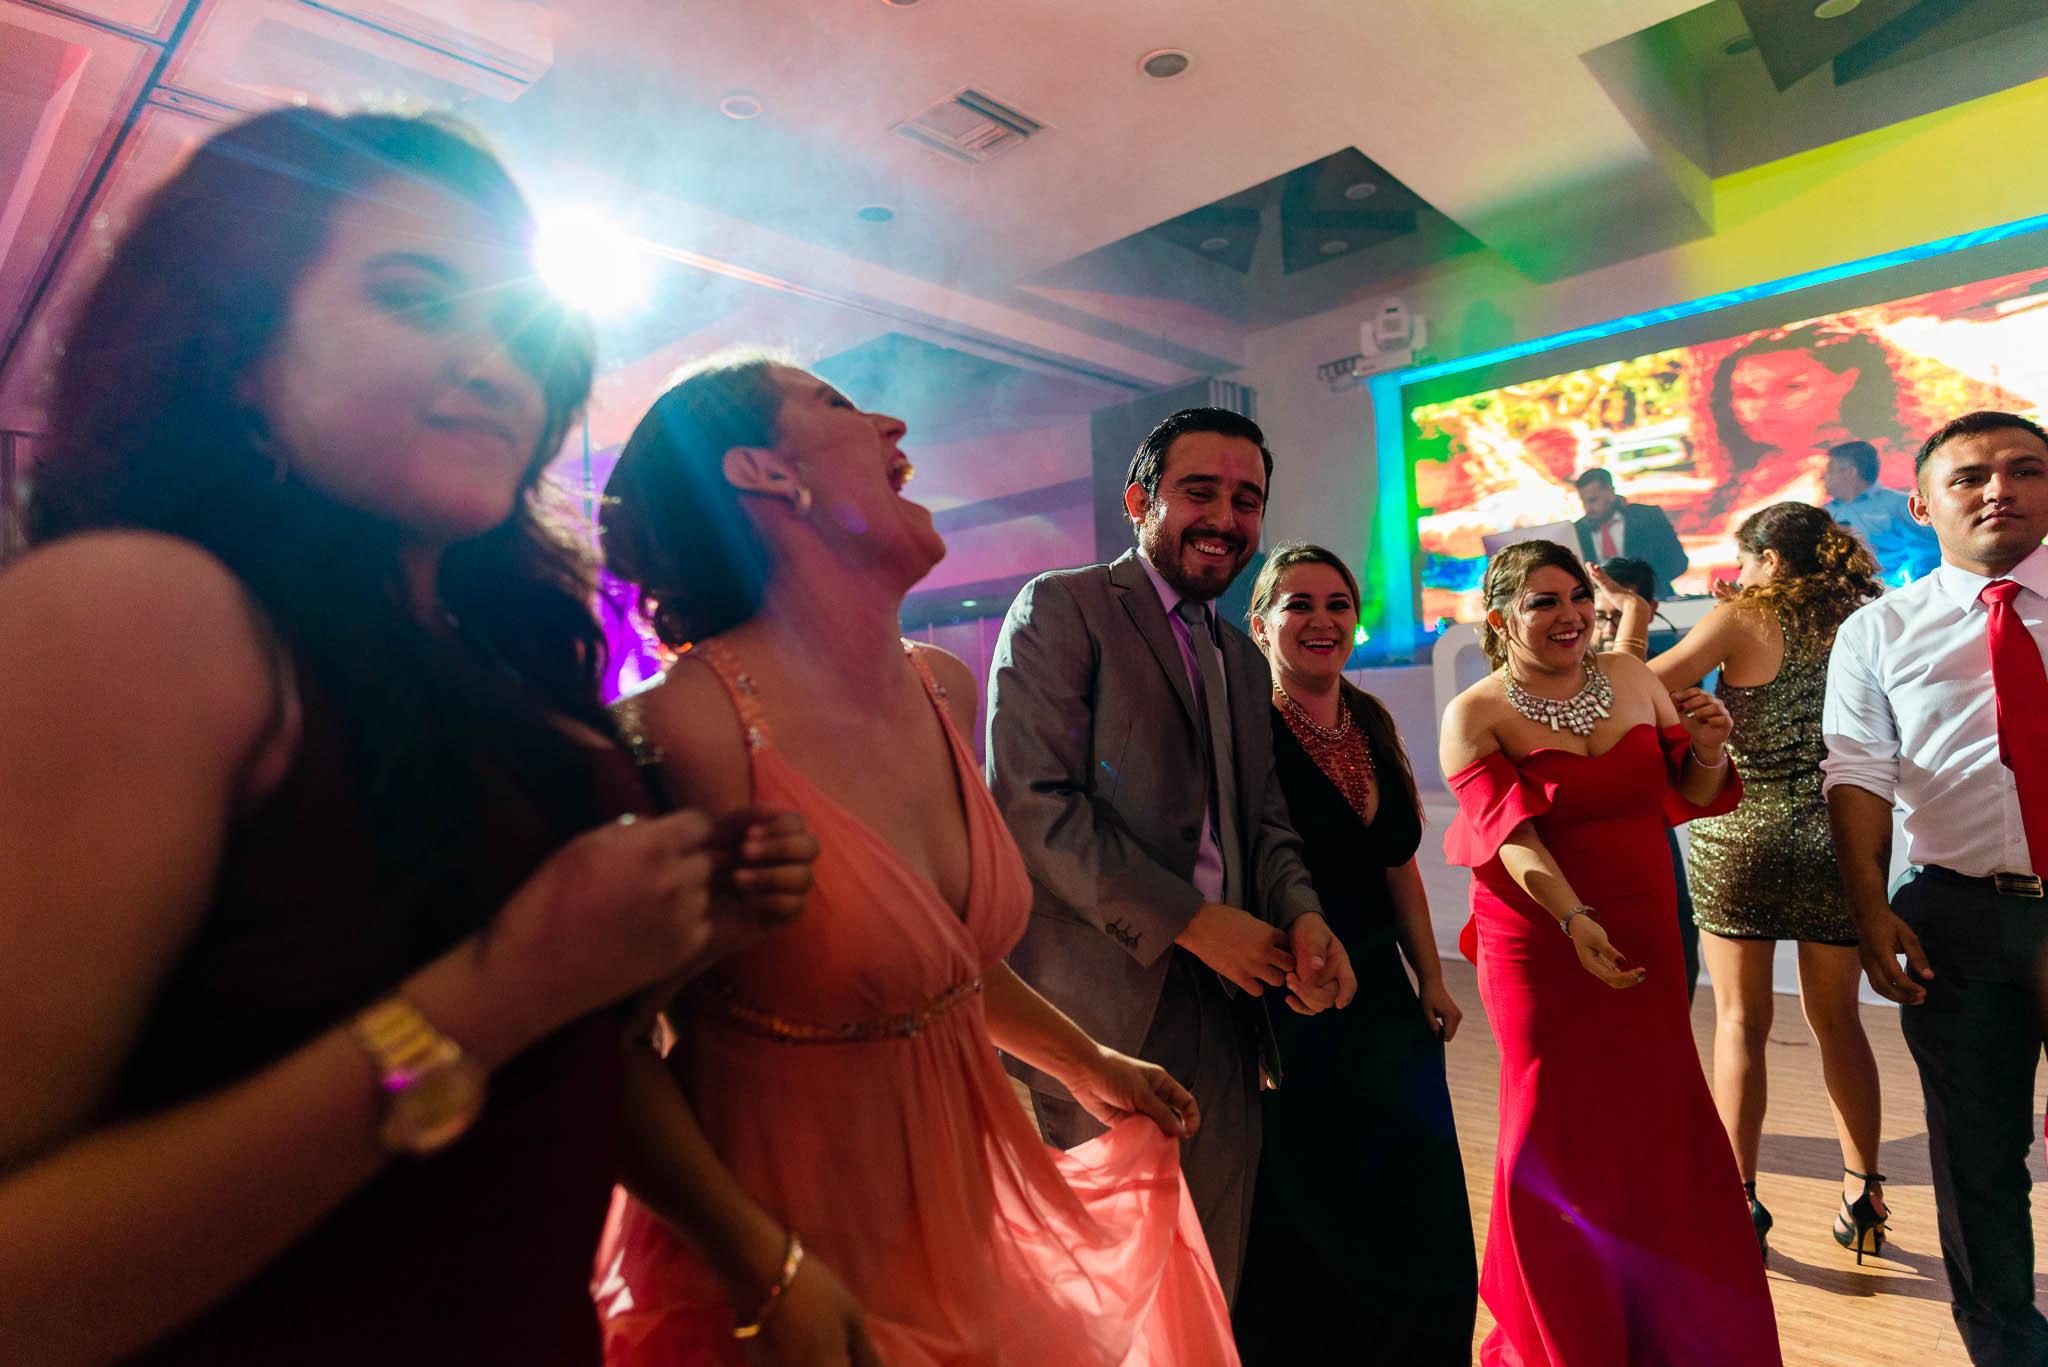 fotografo de bodas san luis potosi boda mexico wedding destination fotos de boda 321